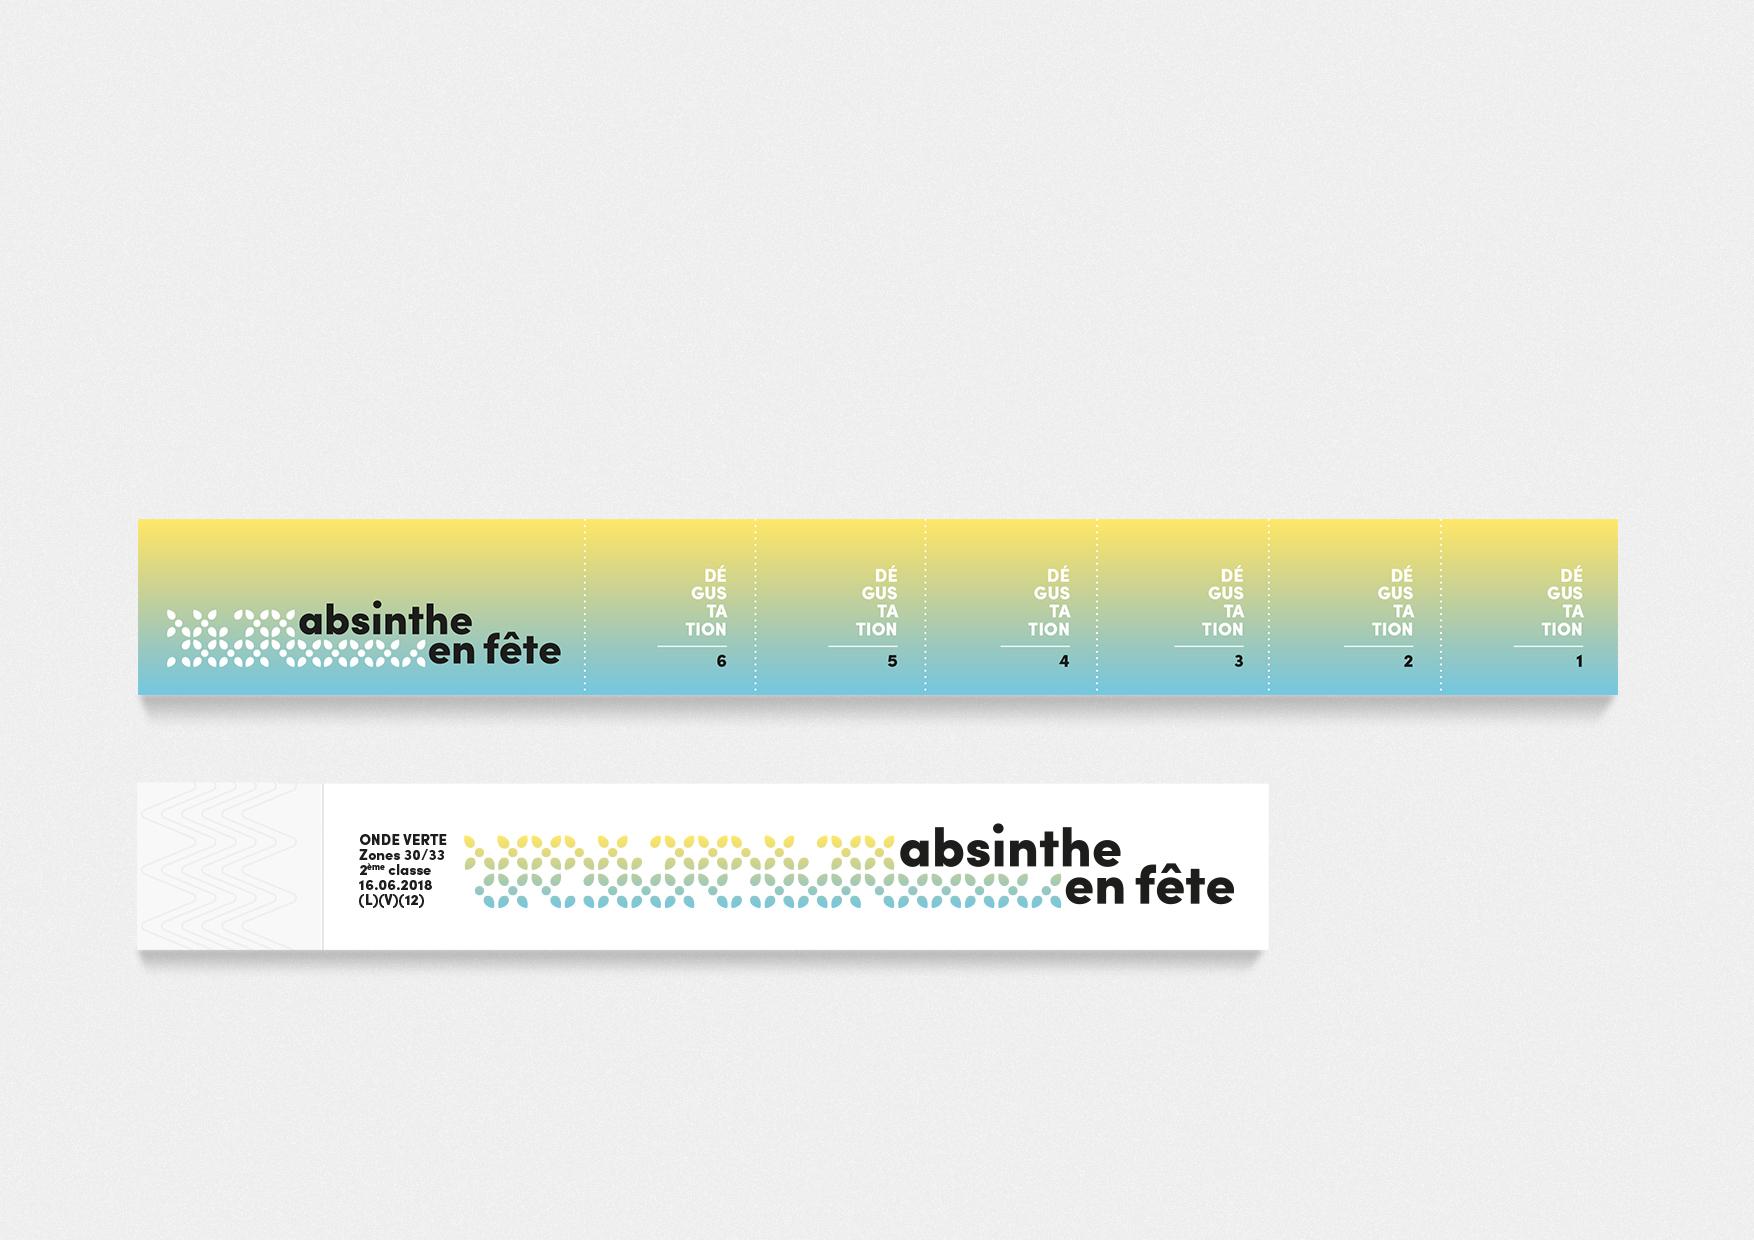 ABSINTHE EN FÊTE